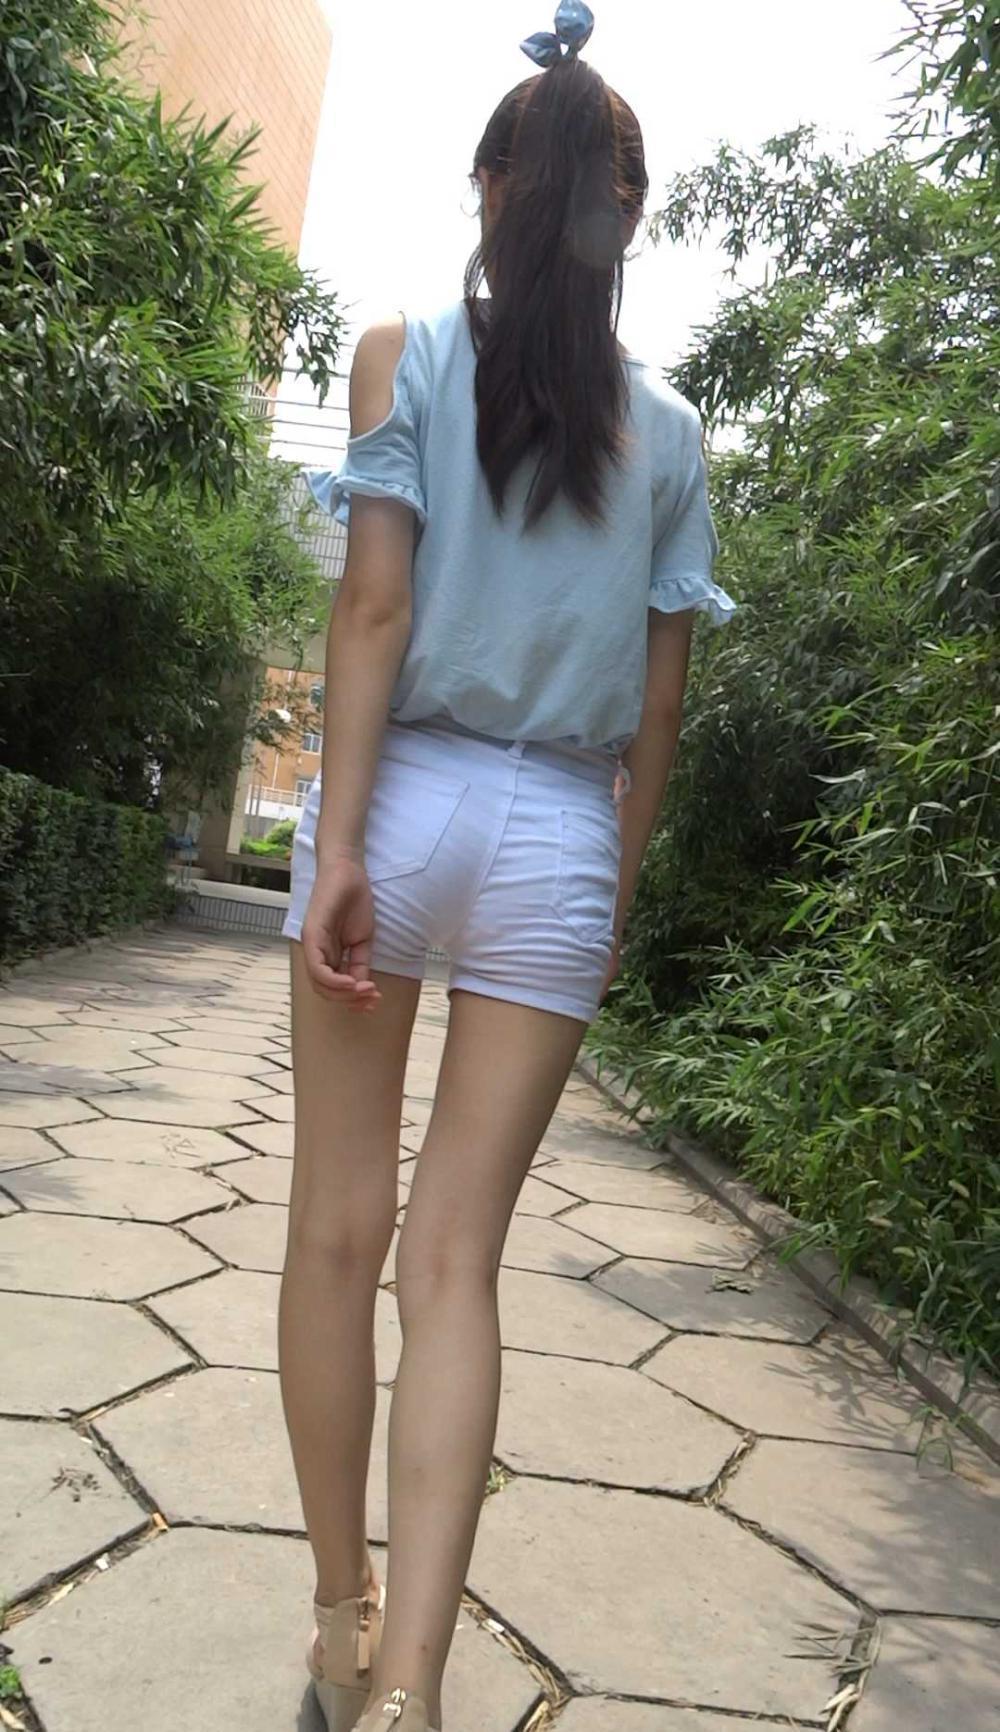 紧身白裤美女图_19.4.6白色紧身裤美女腿型很好看, 但中间缝太大 - 美女MM - 街拍第 ...